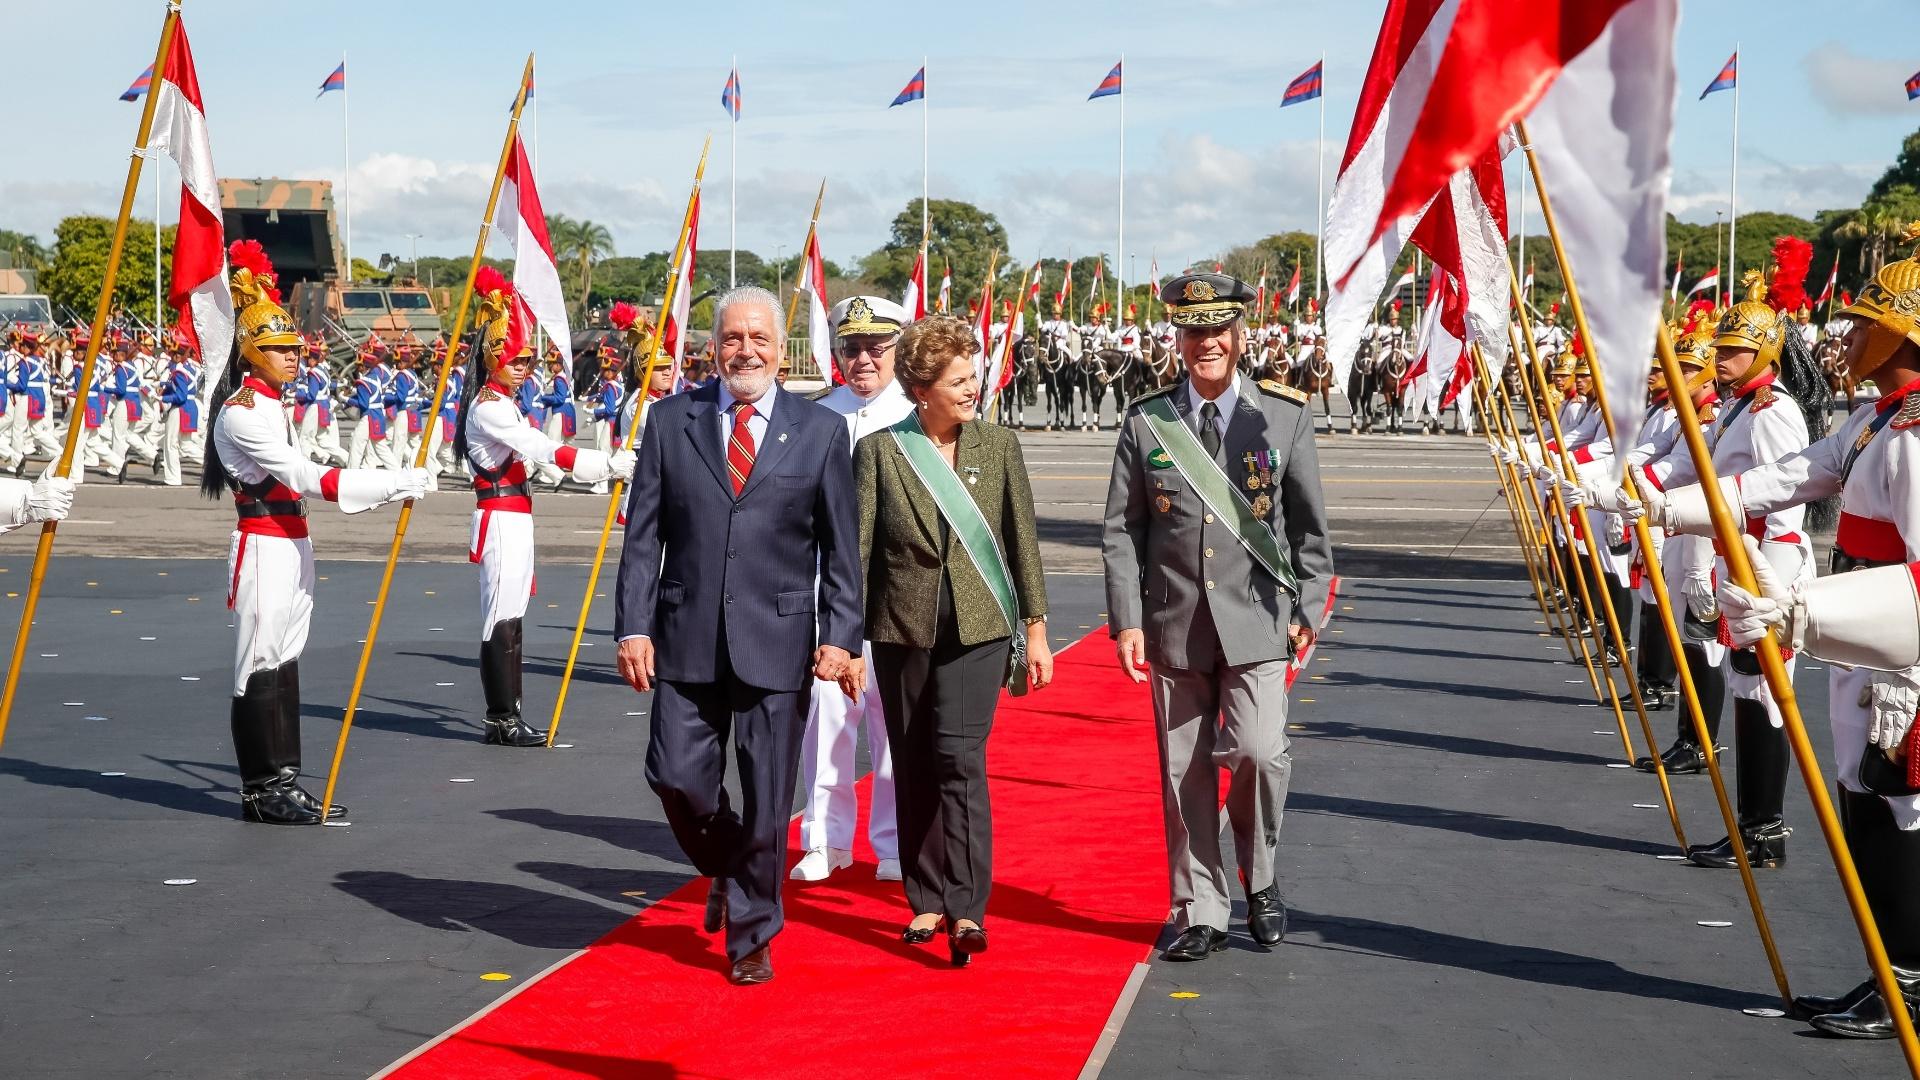 16.abr.2015 - A presidente Dilma Rousseff participou da cerimônia comemorativa do Dia do Exército e de Imposição da Comenda da Ordem do Mérito Militar, em Brasília. Na mensagem em comemoração a data, a presidente disse que o Exército